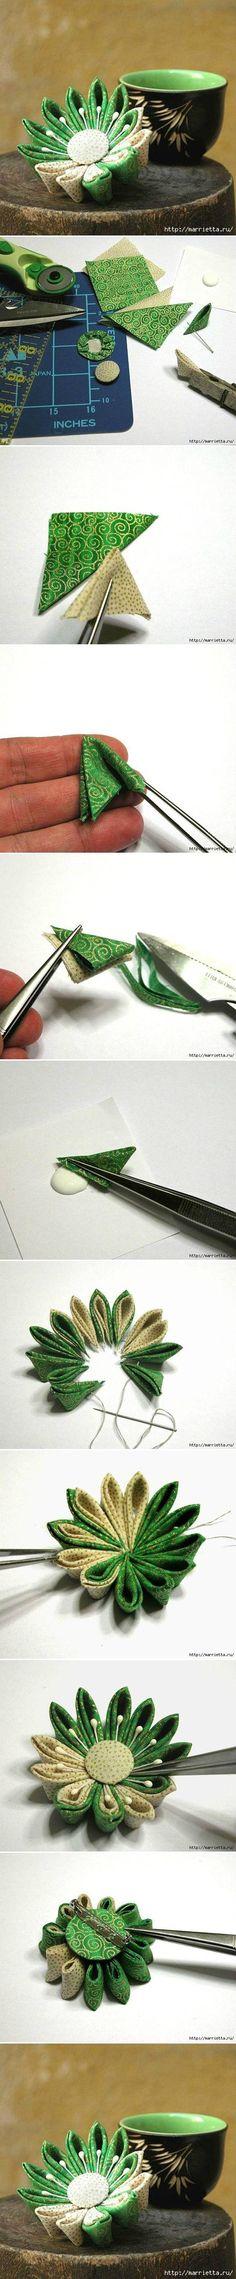 DIY Japanese Kanzashi Flower | FabDIY